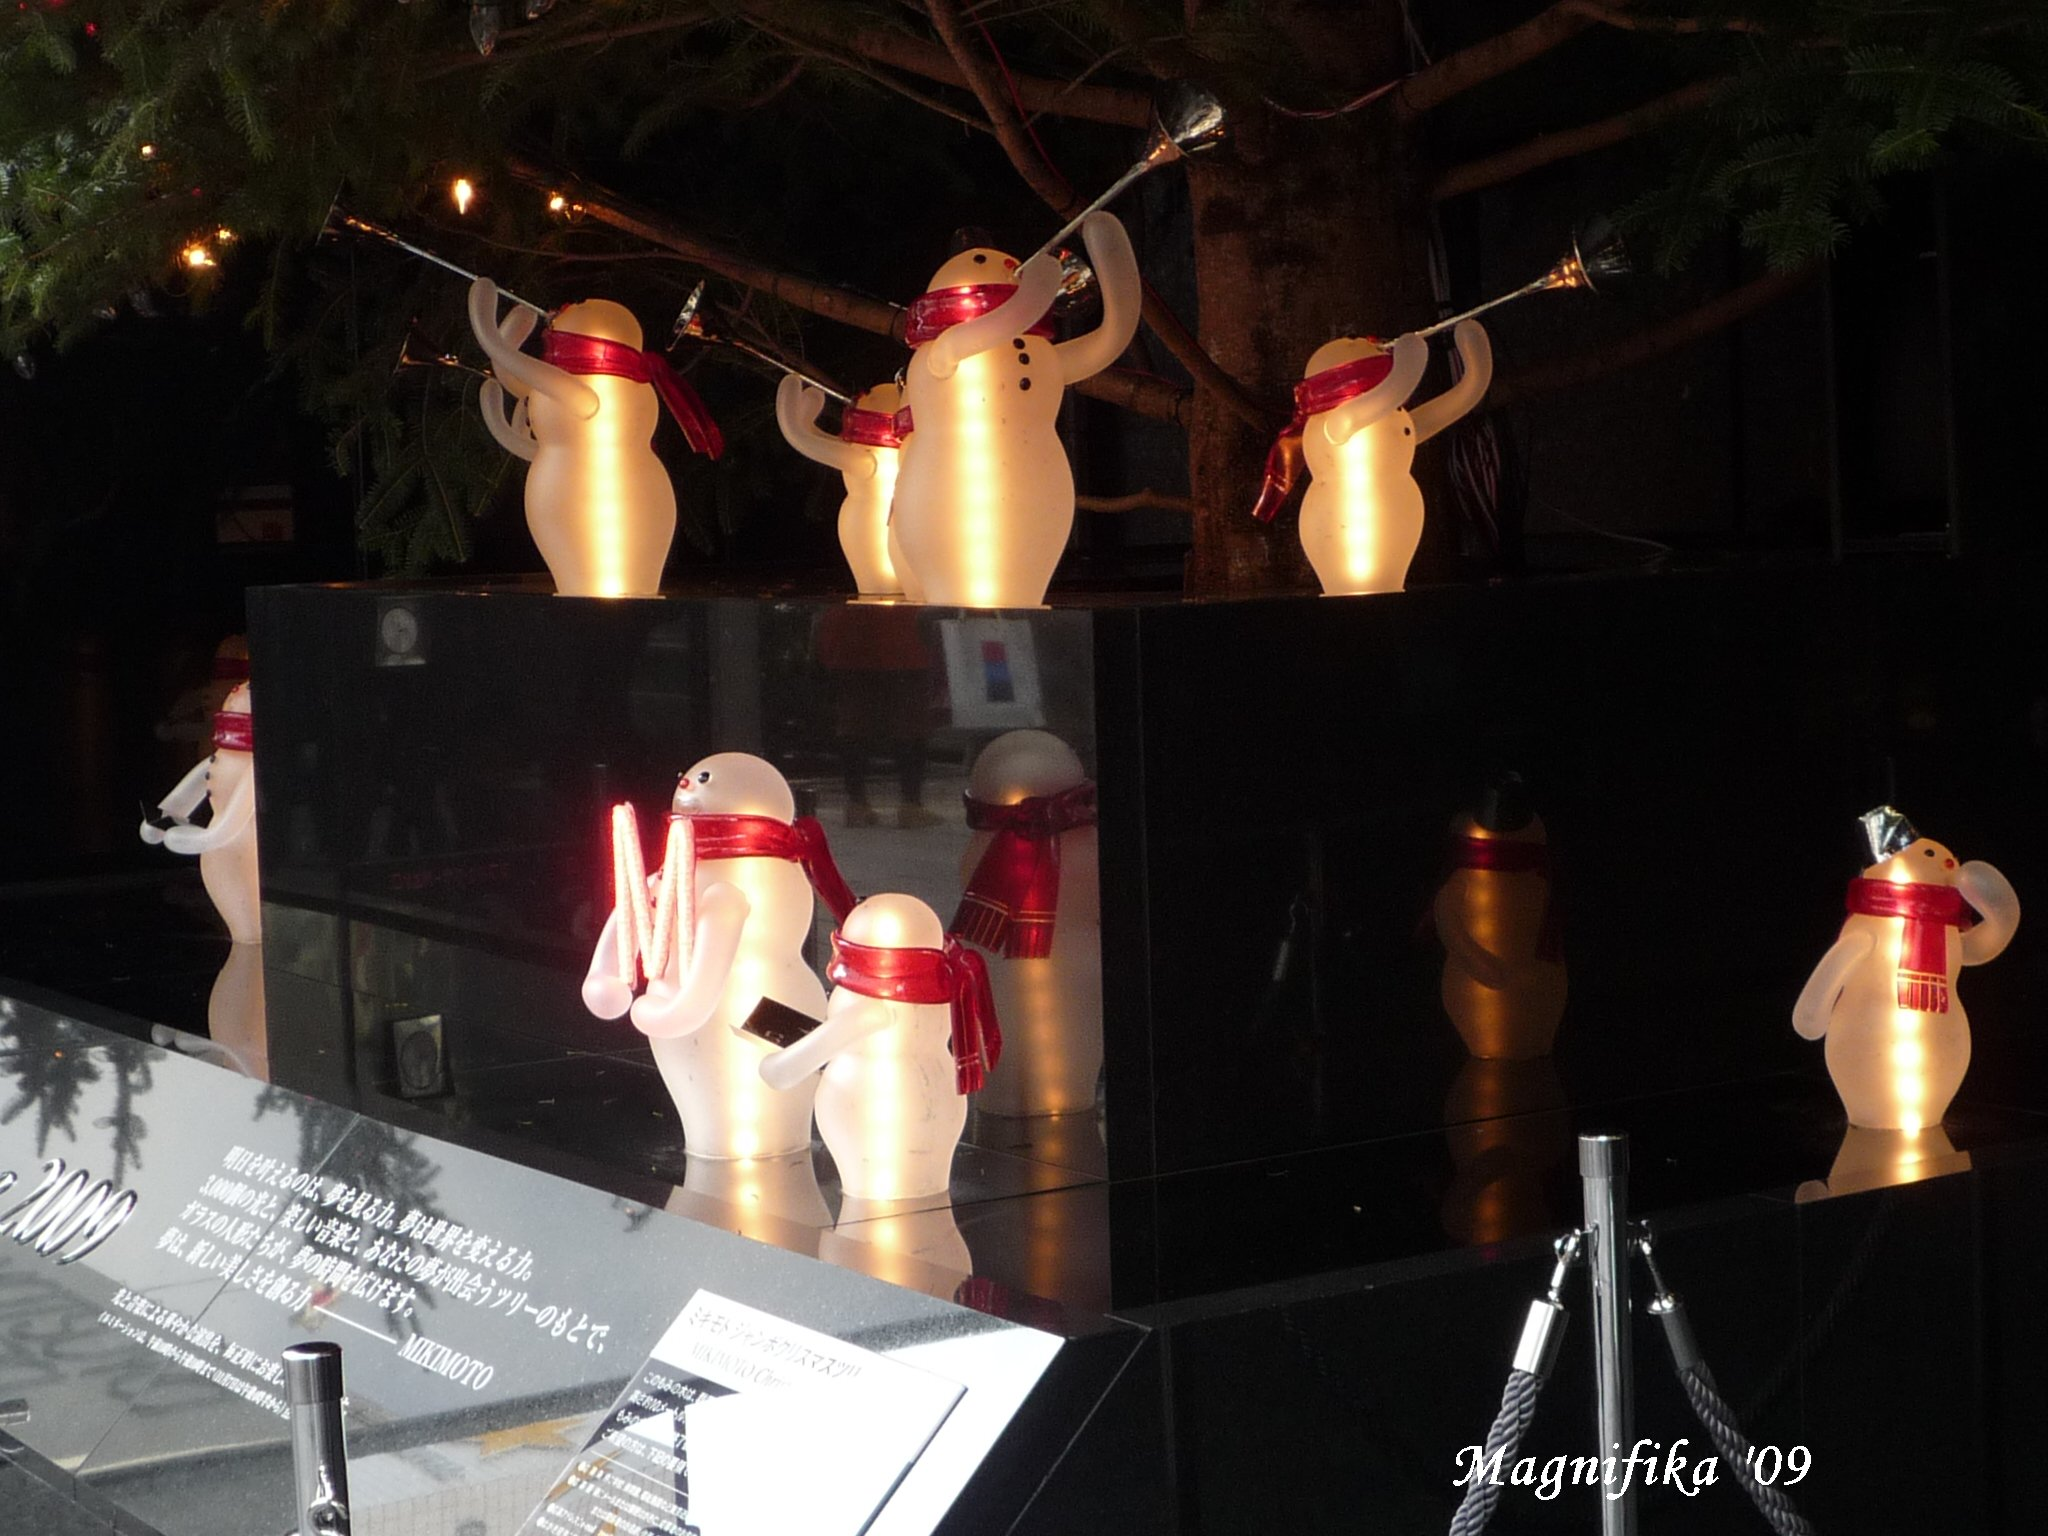 再び銀座のクリスマス Christmas Decoration Views of Ginza, Again_e0140365_20455851.jpg